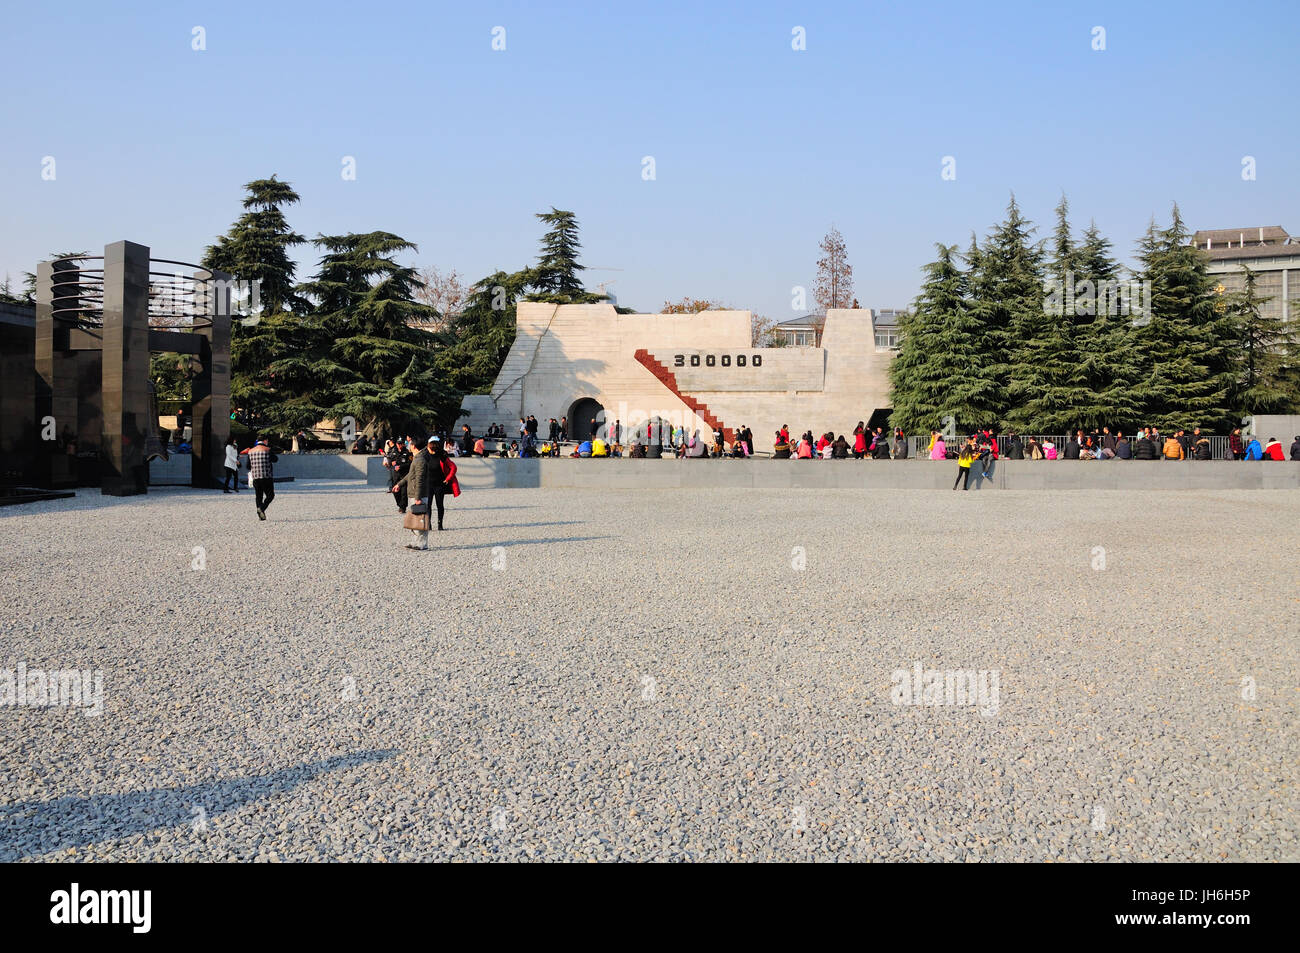 A partir del 3 de enero de 2015. Nanjing, China. Los visitantes chinos visitando el museo de sitio y Masacre de Nanjing en Nanjing, China, ubicado en la provincia de Jiangsu. Foto de stock